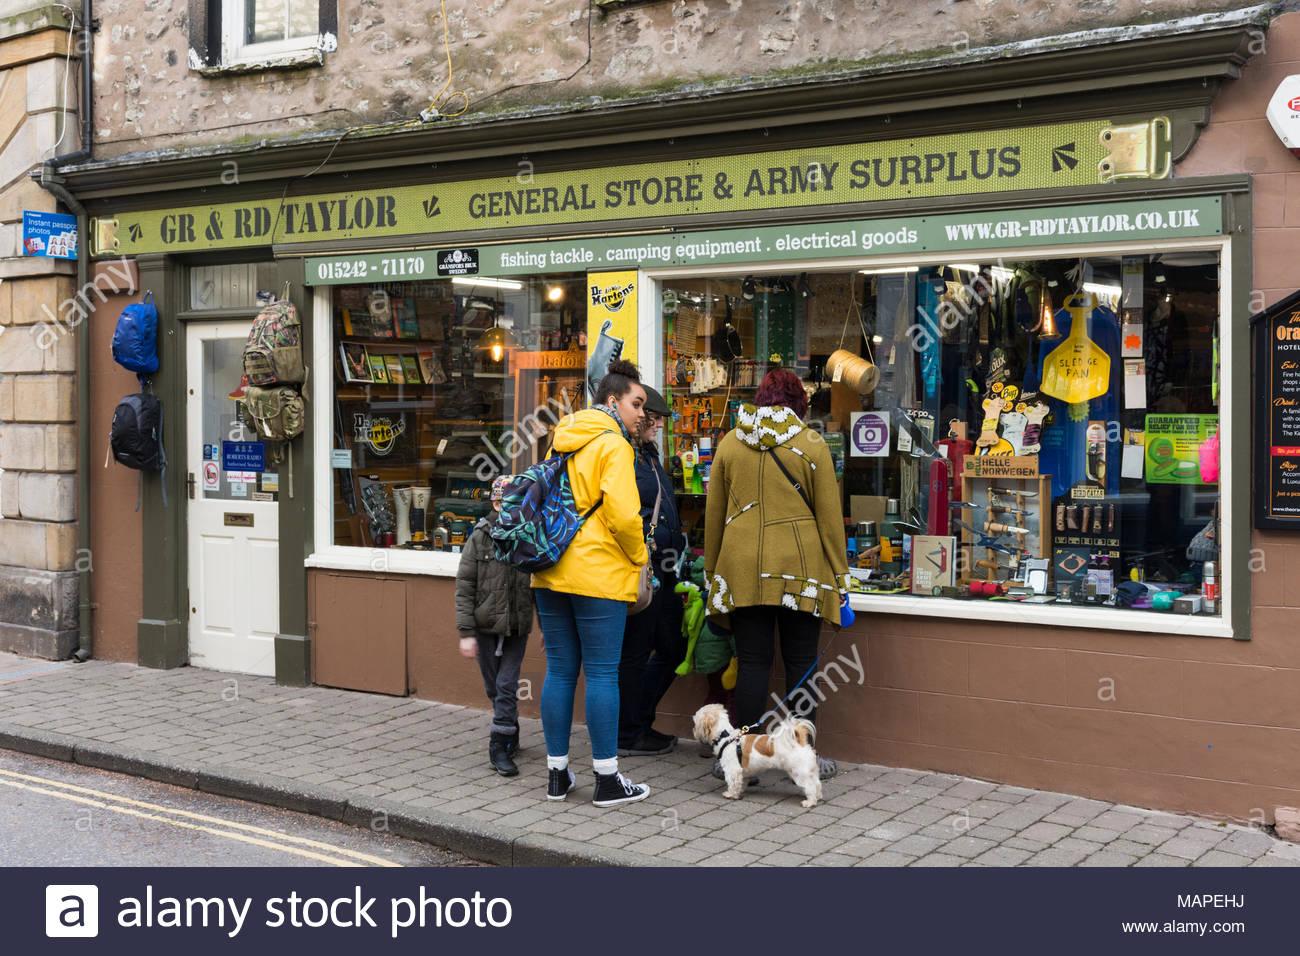 Army Surplus Store Stock Photos & Army Surplus Store Stock